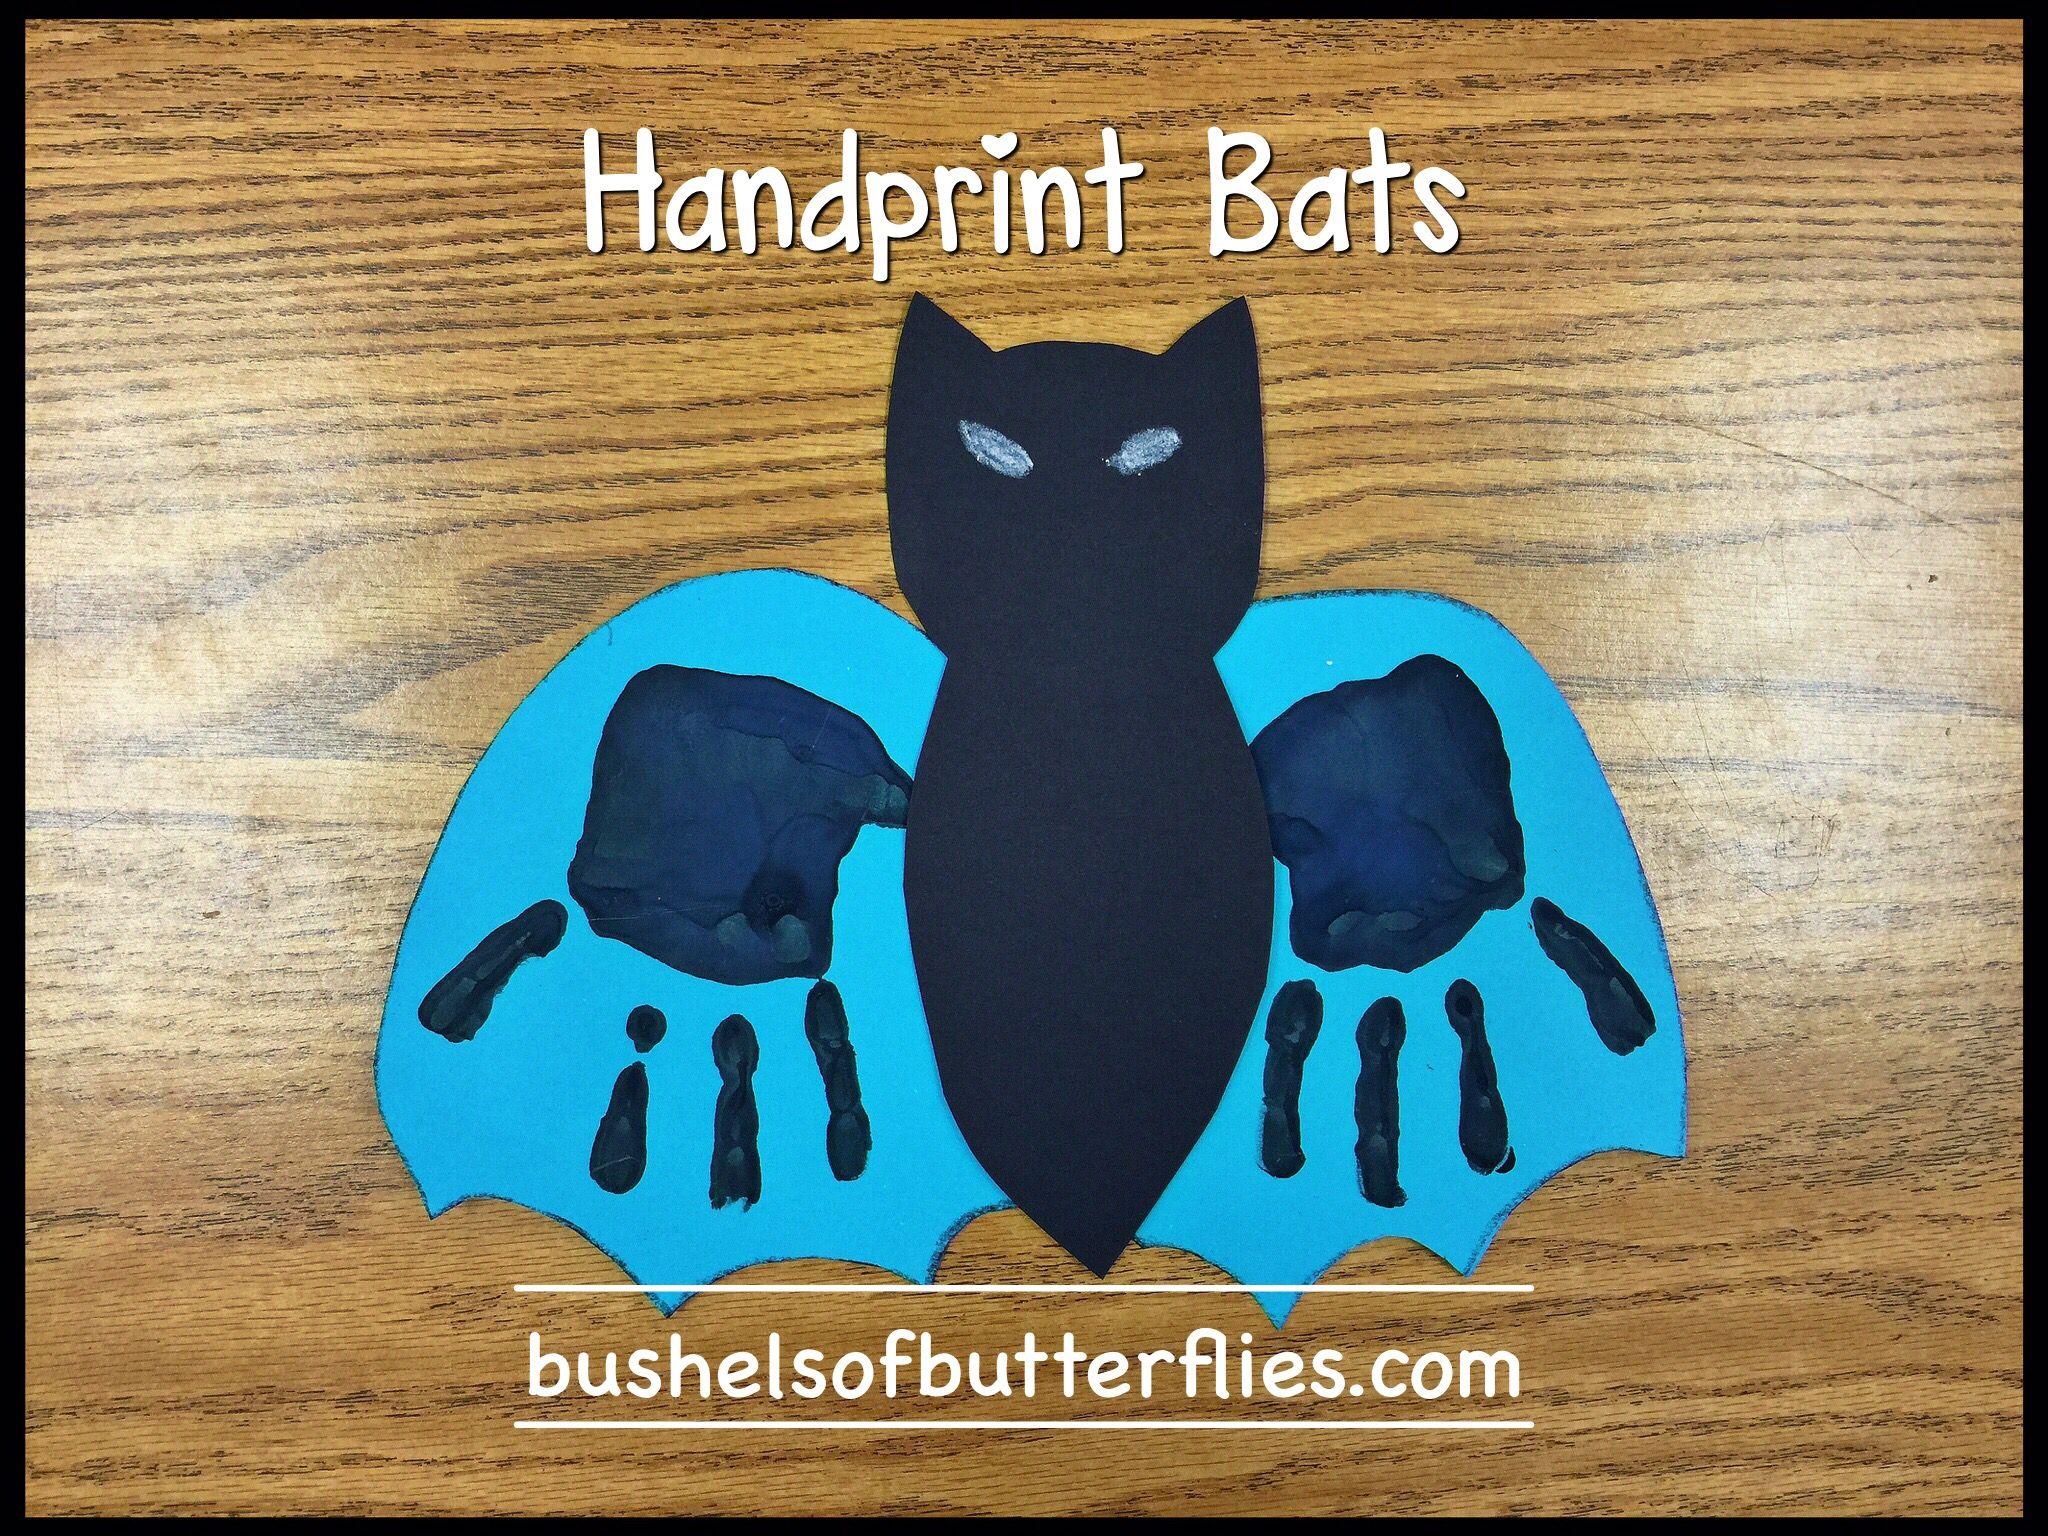 Handprint Bats Art Halloween Projects Kindergarten Fun